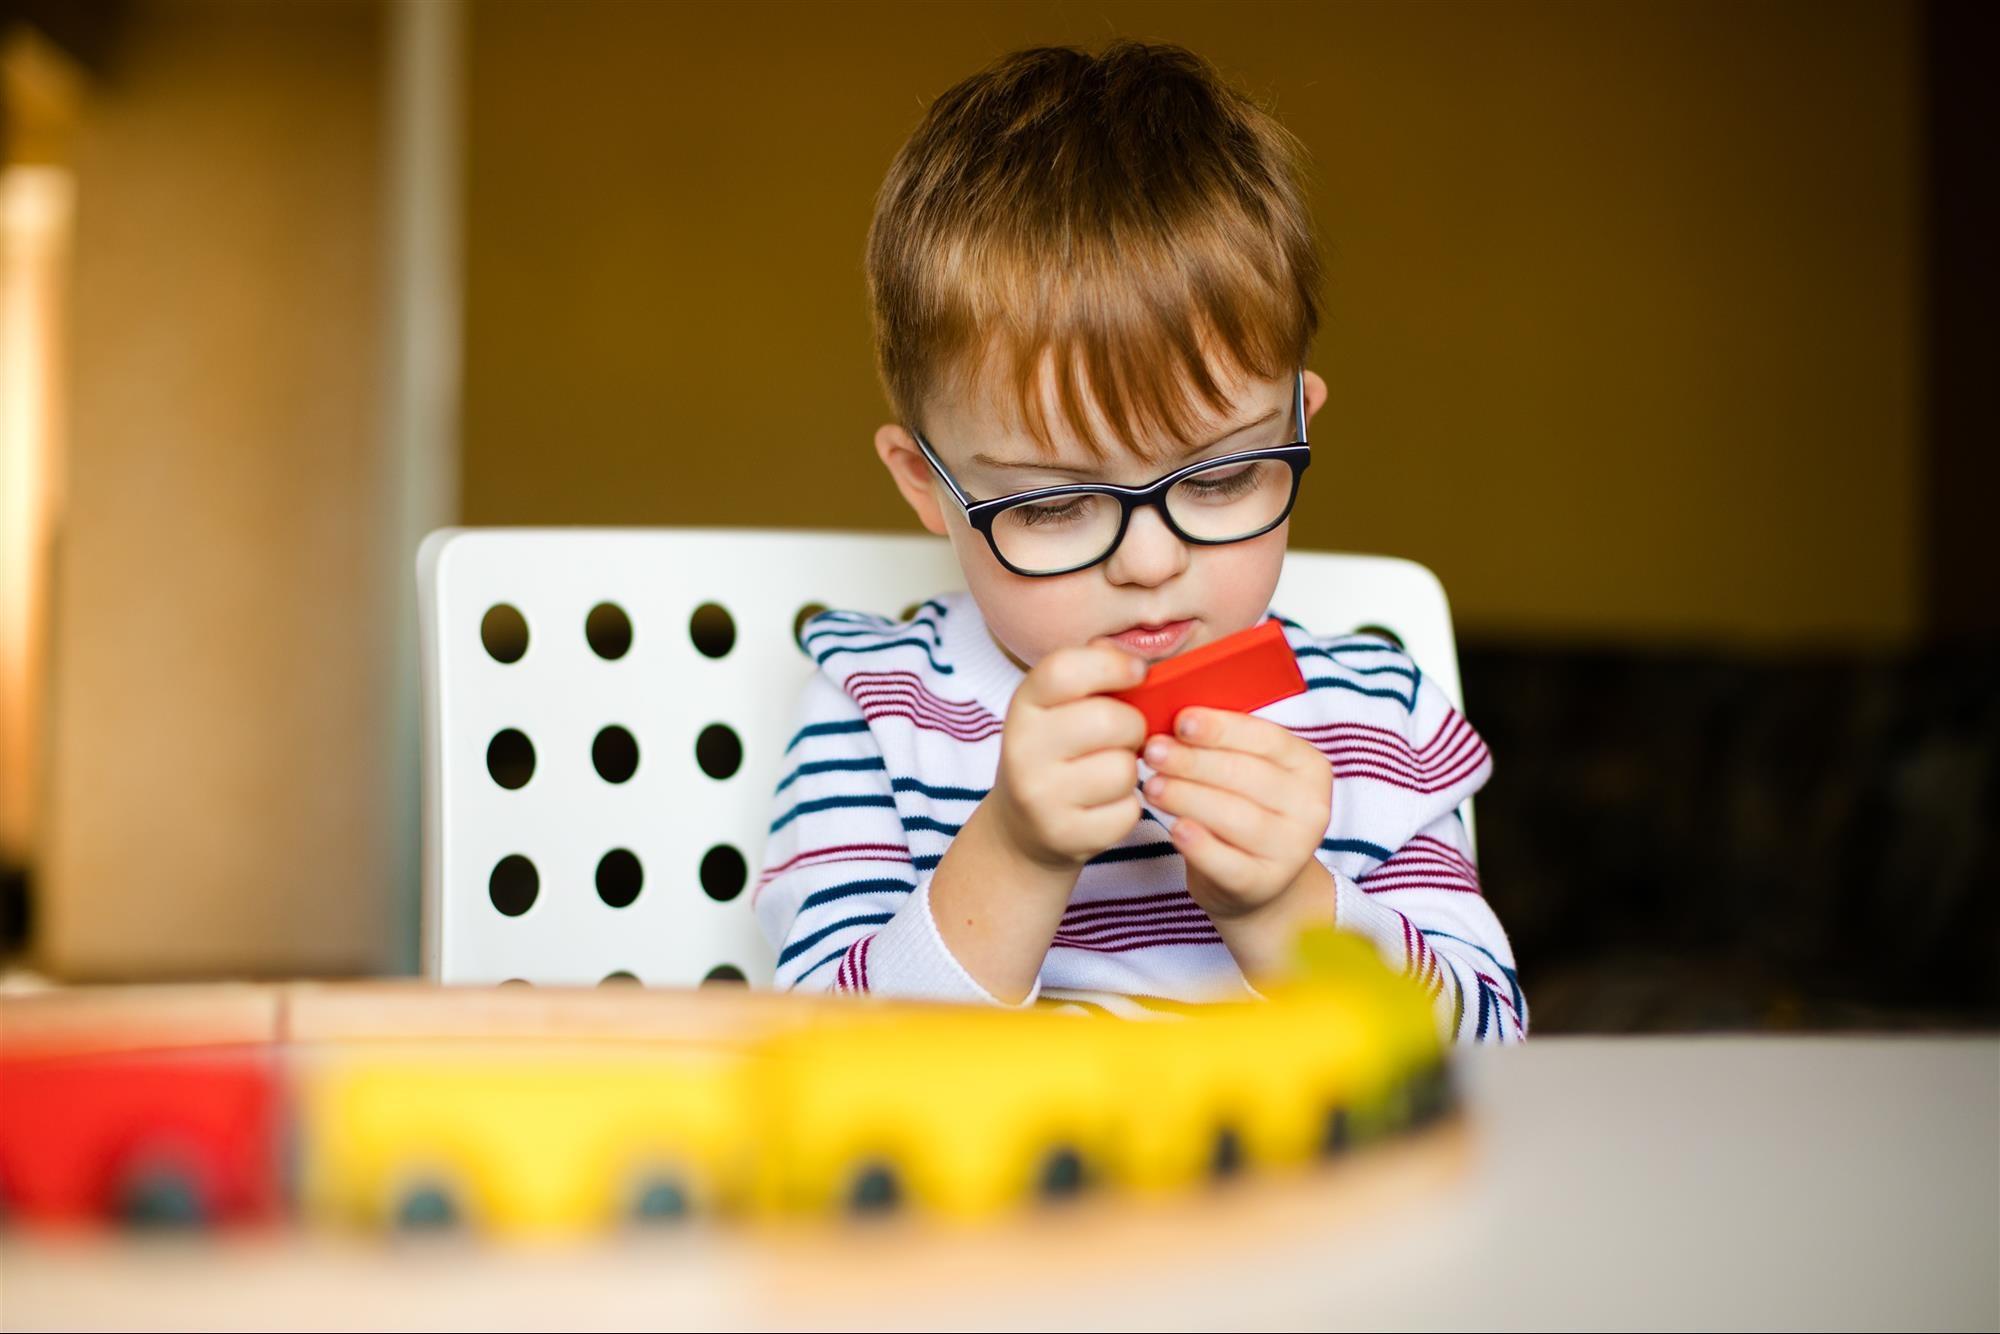 Aperfeiçoamento em ABA aplicado ao Transtorno do Espectro Autista